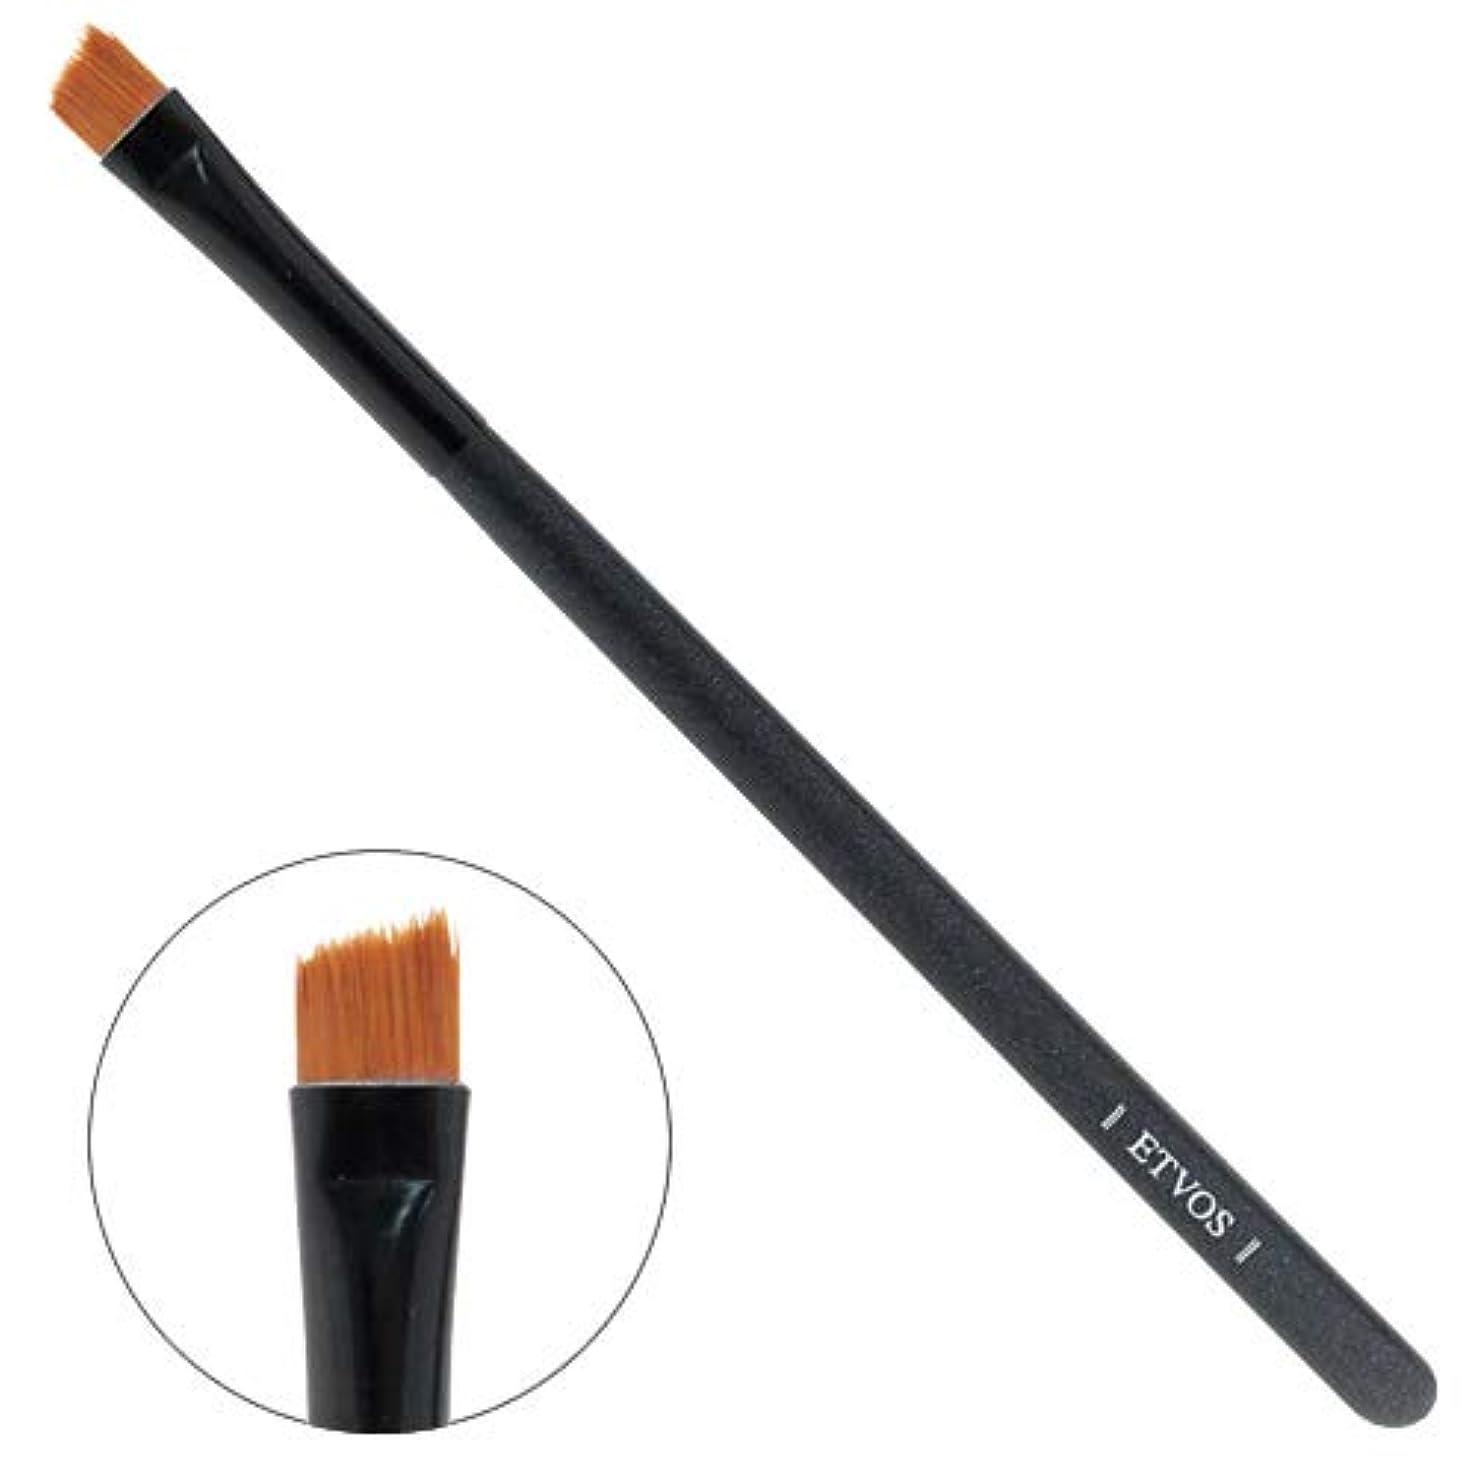 バラ色一貫性のない疎外するETVOS(エトヴォス) アイライナーブラシ 毛先を斜めカット/目のキワまでアイラインが引ける化粧筆 12.5cm